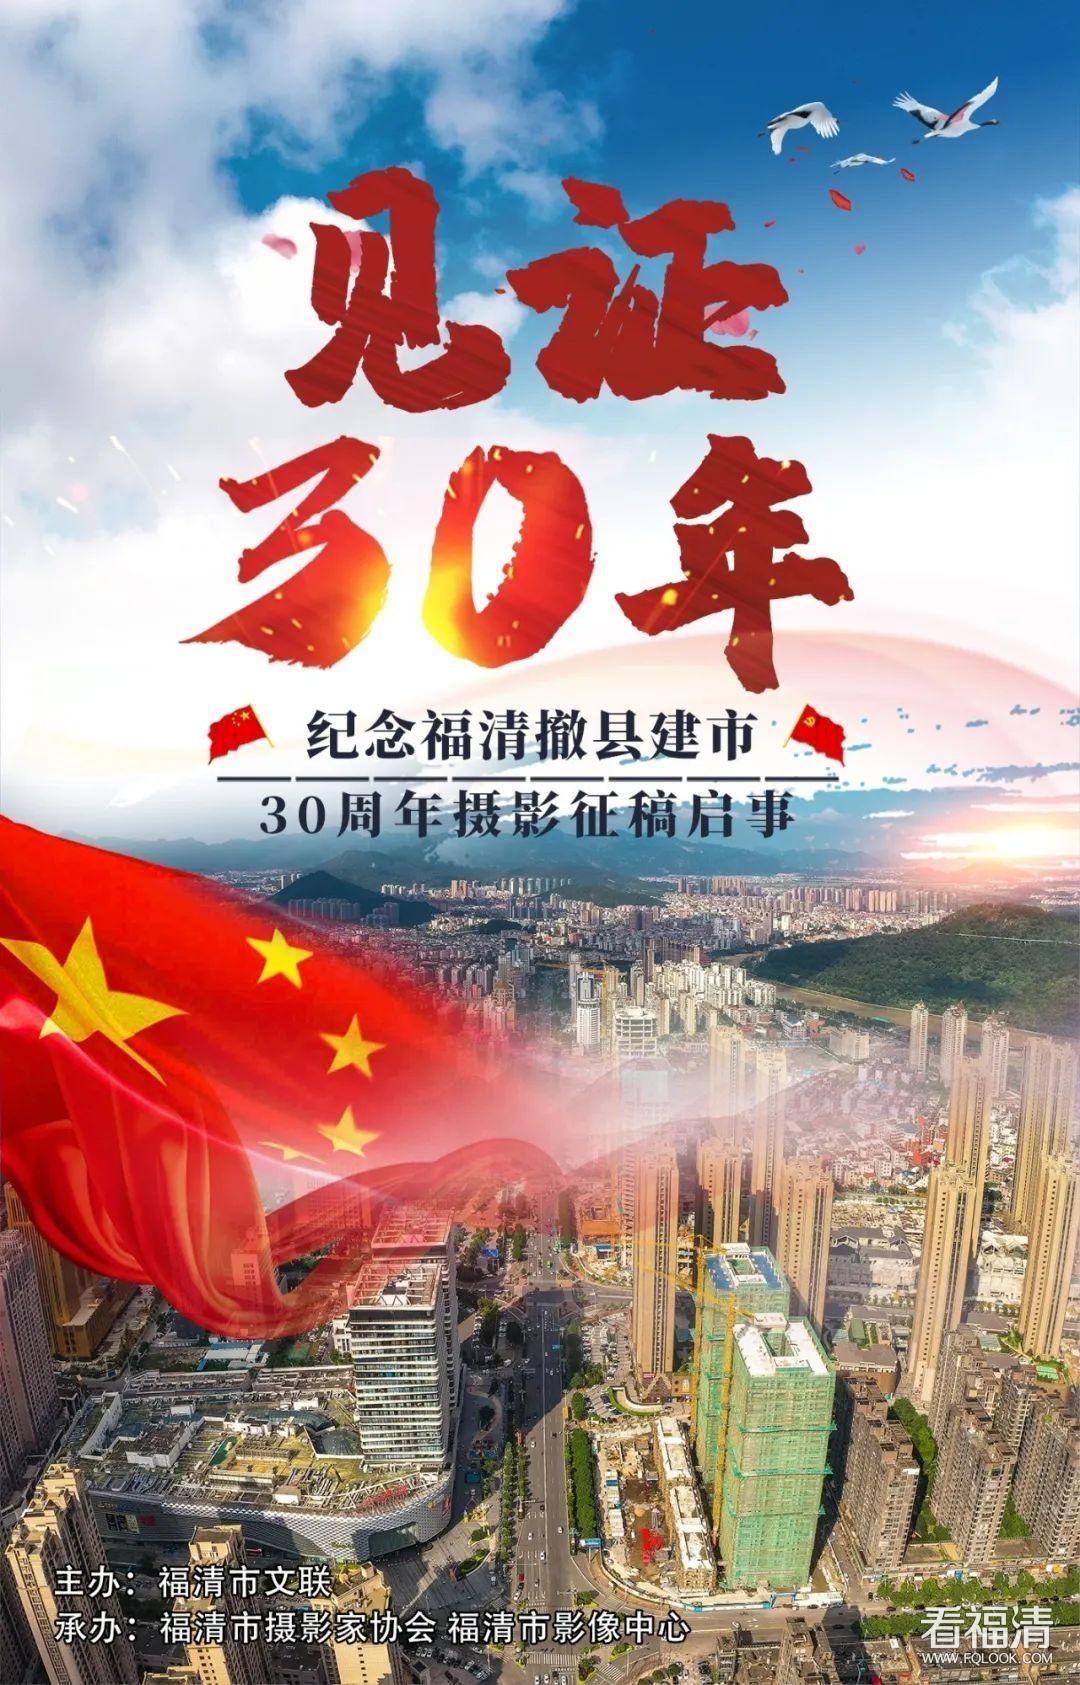 """""""见证30年""""——纪念福清撤县建市30周年摄影征稿开始啦!"""